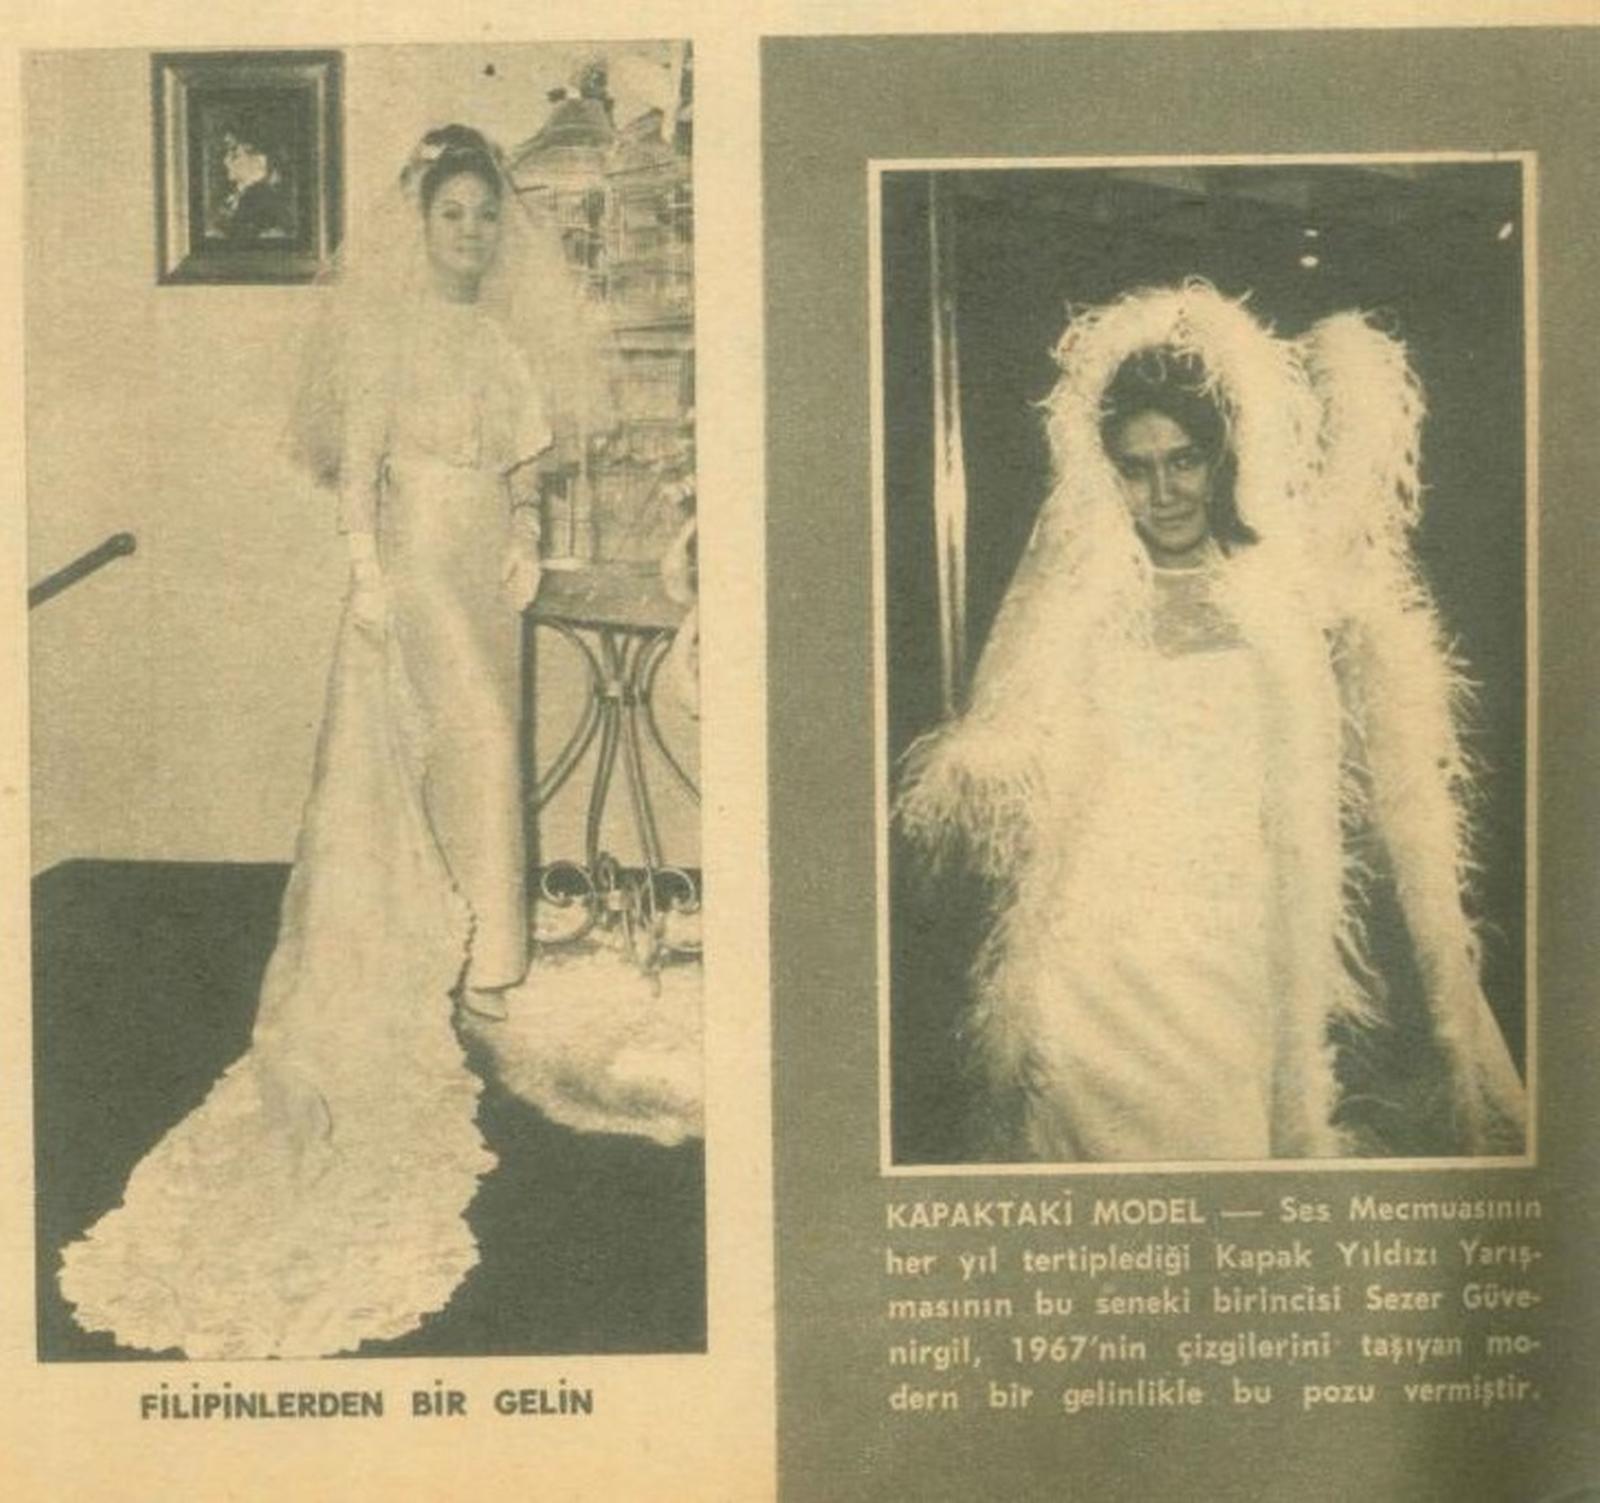 60-larda-evlilik-genc-kizlarin-zengin-koca-avi-hayat-dergisi-1967 (4)